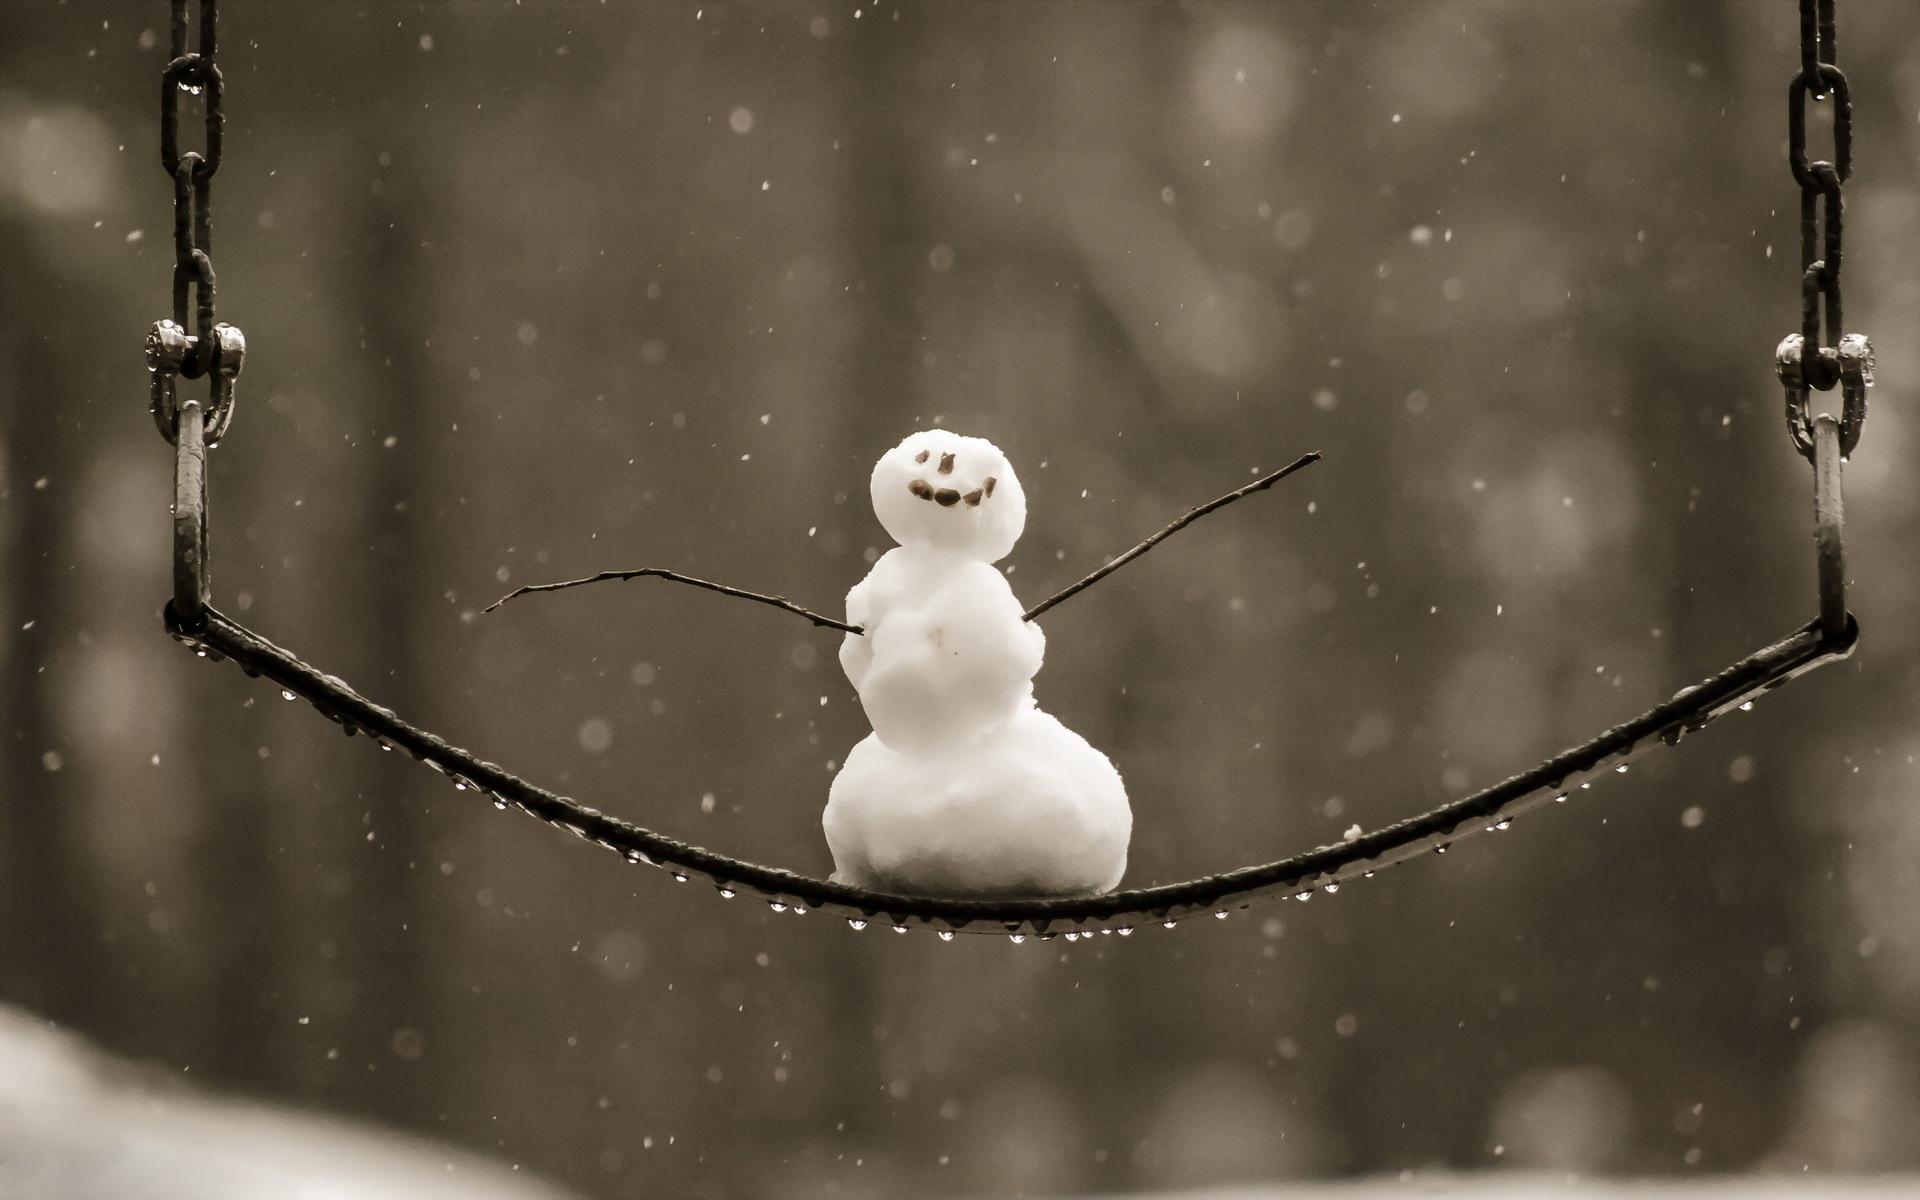 Картинки с весенней снежной погодой смешные